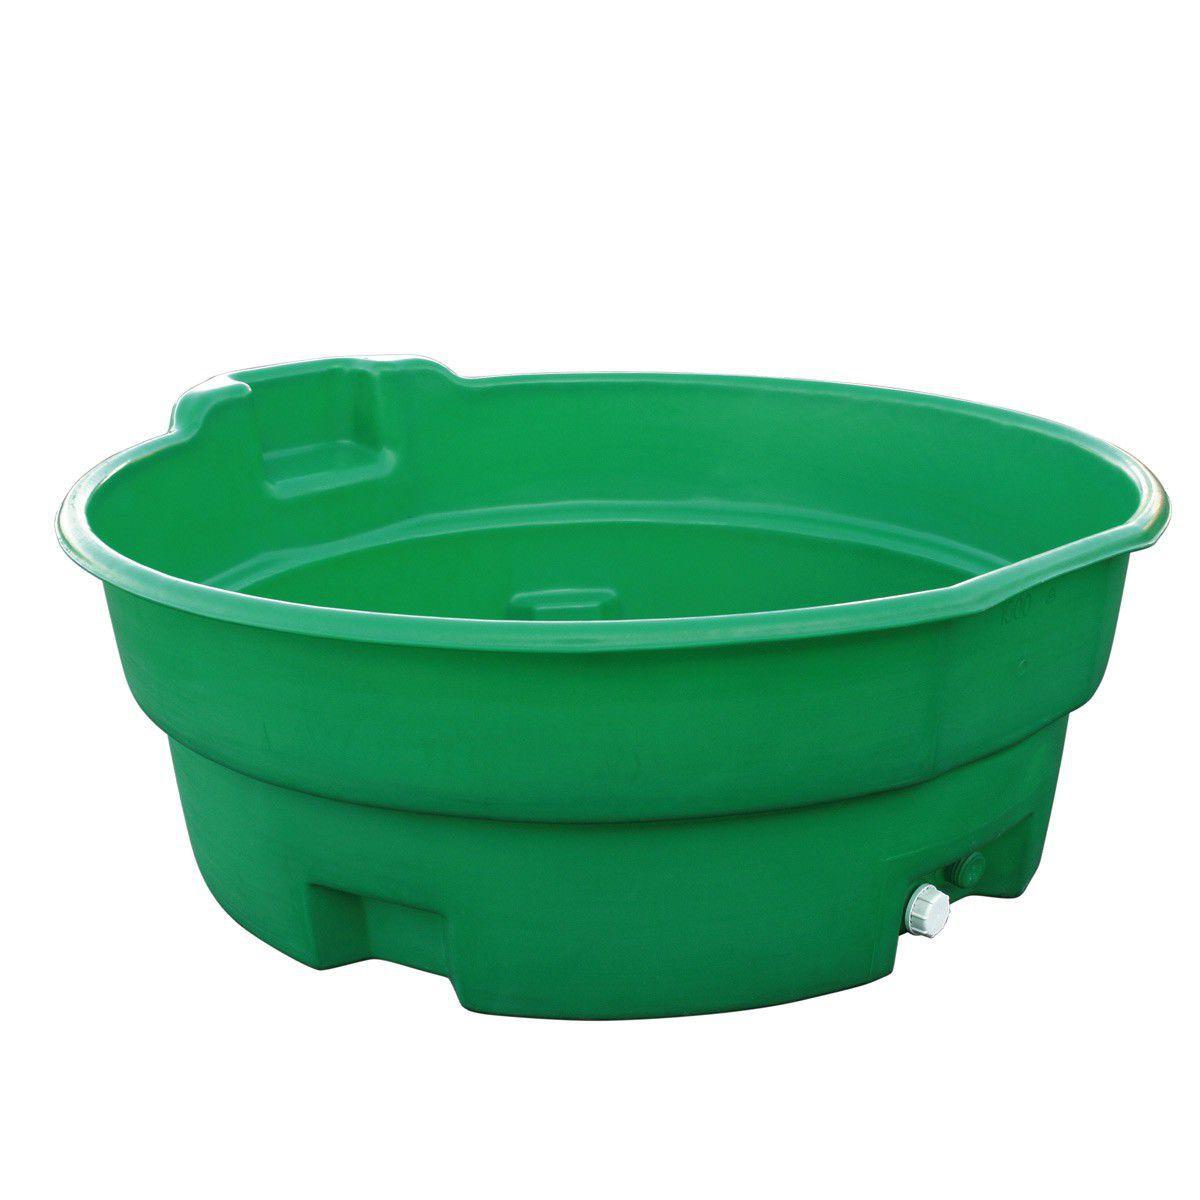 Tränke für Rinder / Behälter / Polyethylen - 2699 - LA BUVETTE